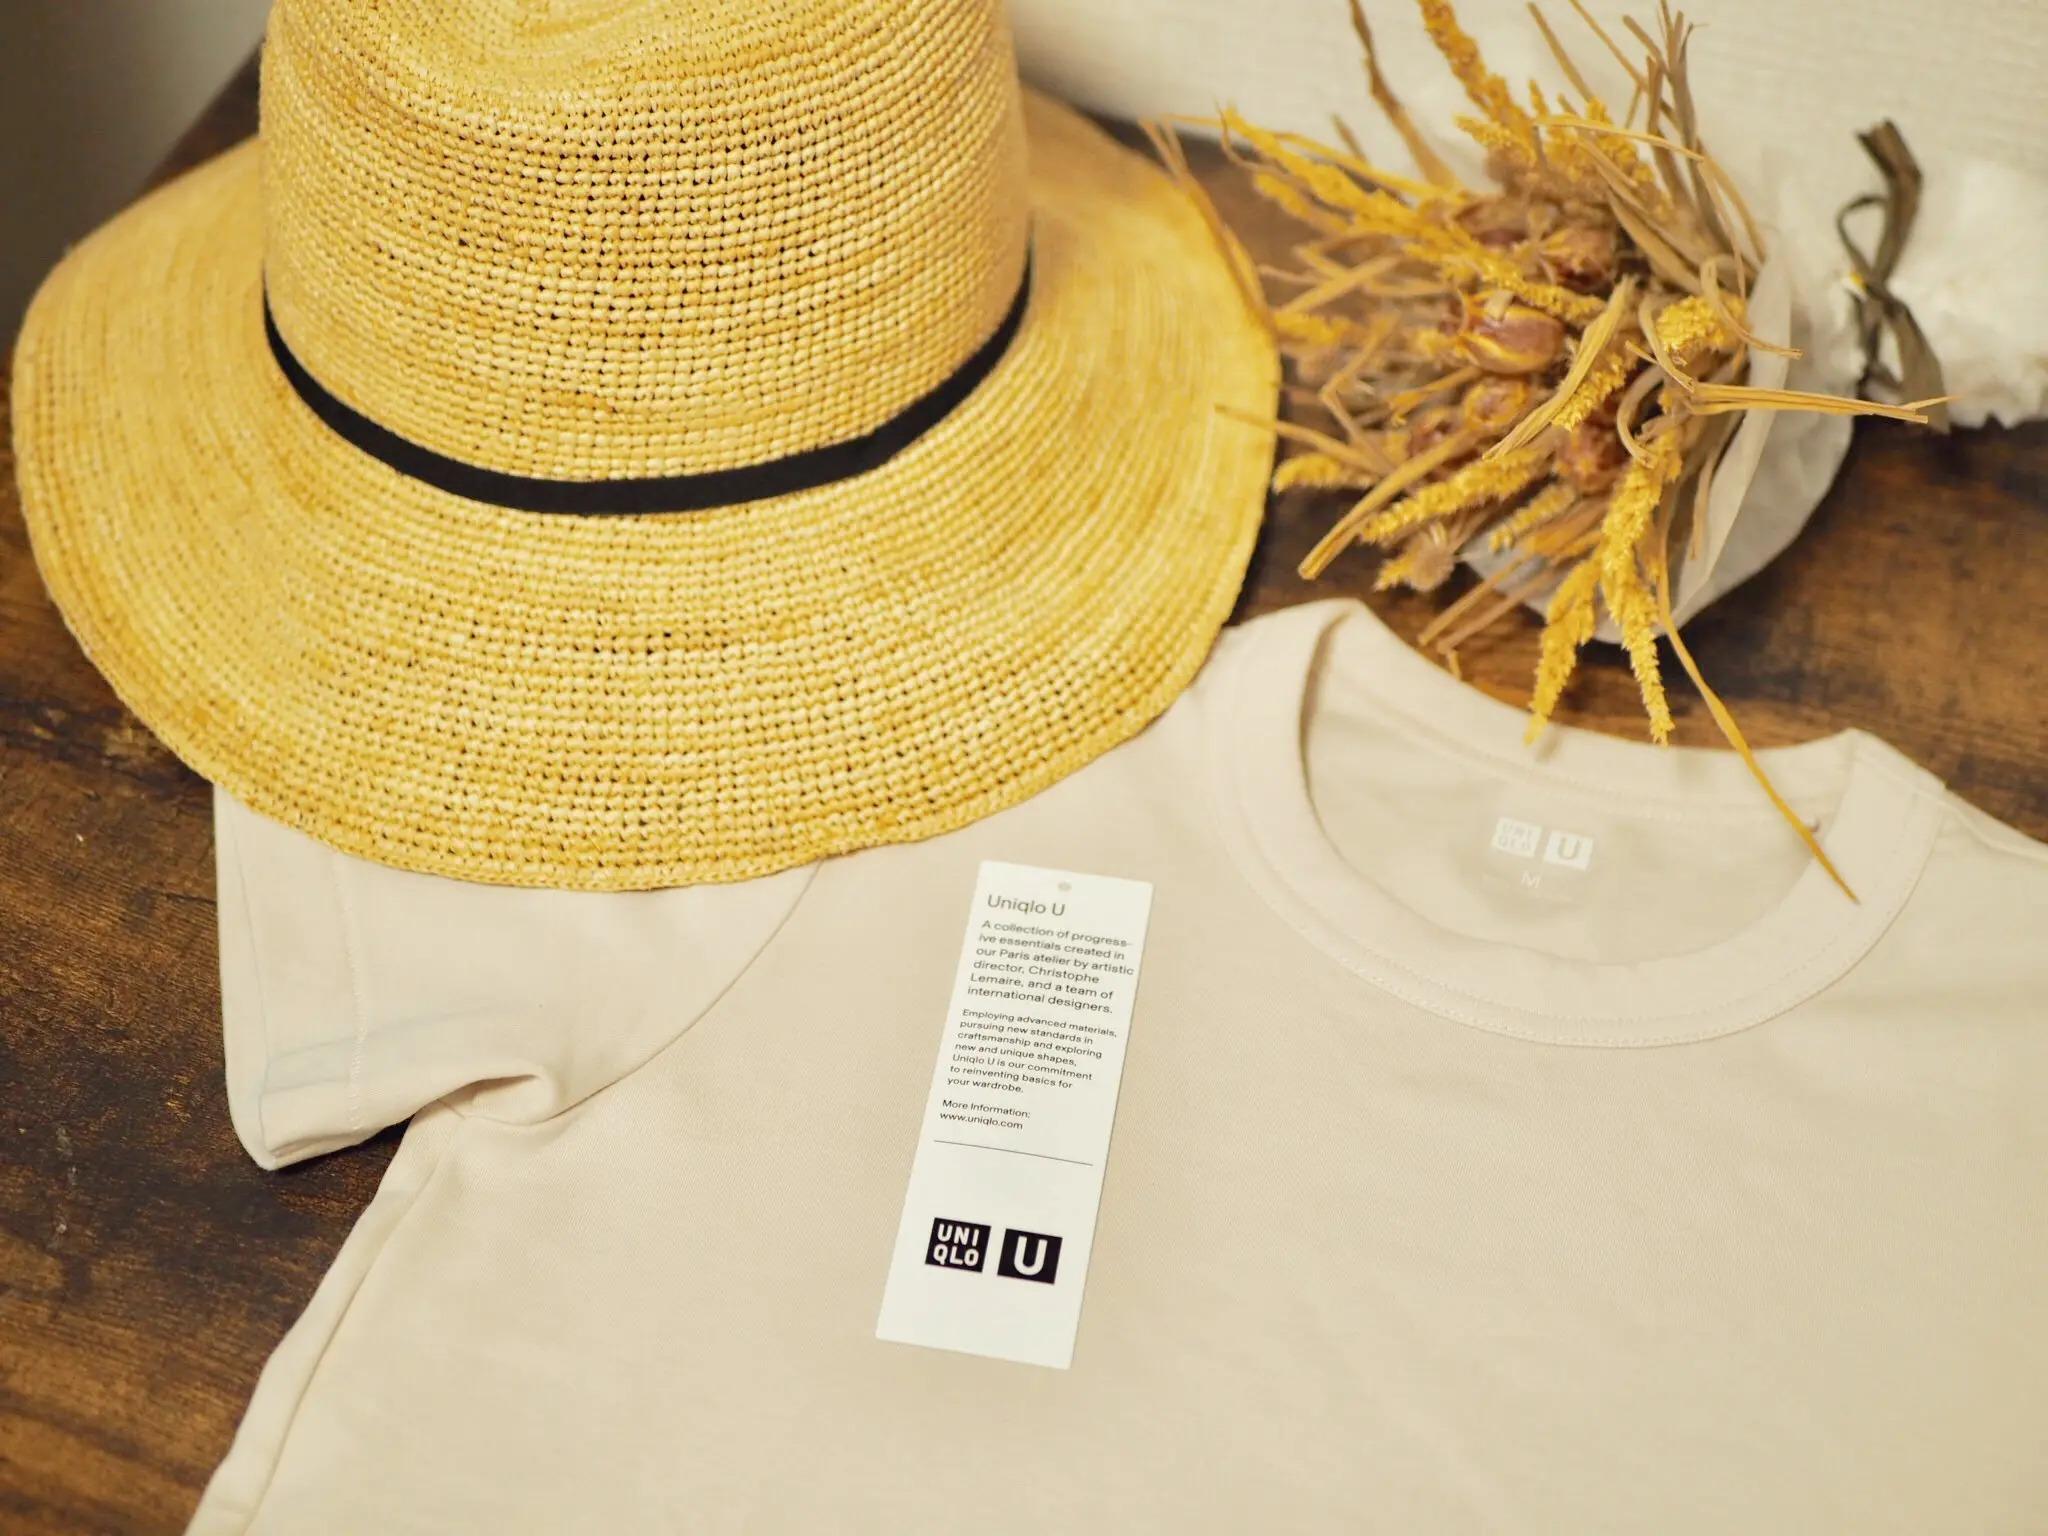 『ユニクロ』×『シュウ ウエムラ』のコラボTシャツがシンプルおしゃれ♪【今週のMOREインフルエンサーズファッション人気ランキング】_1